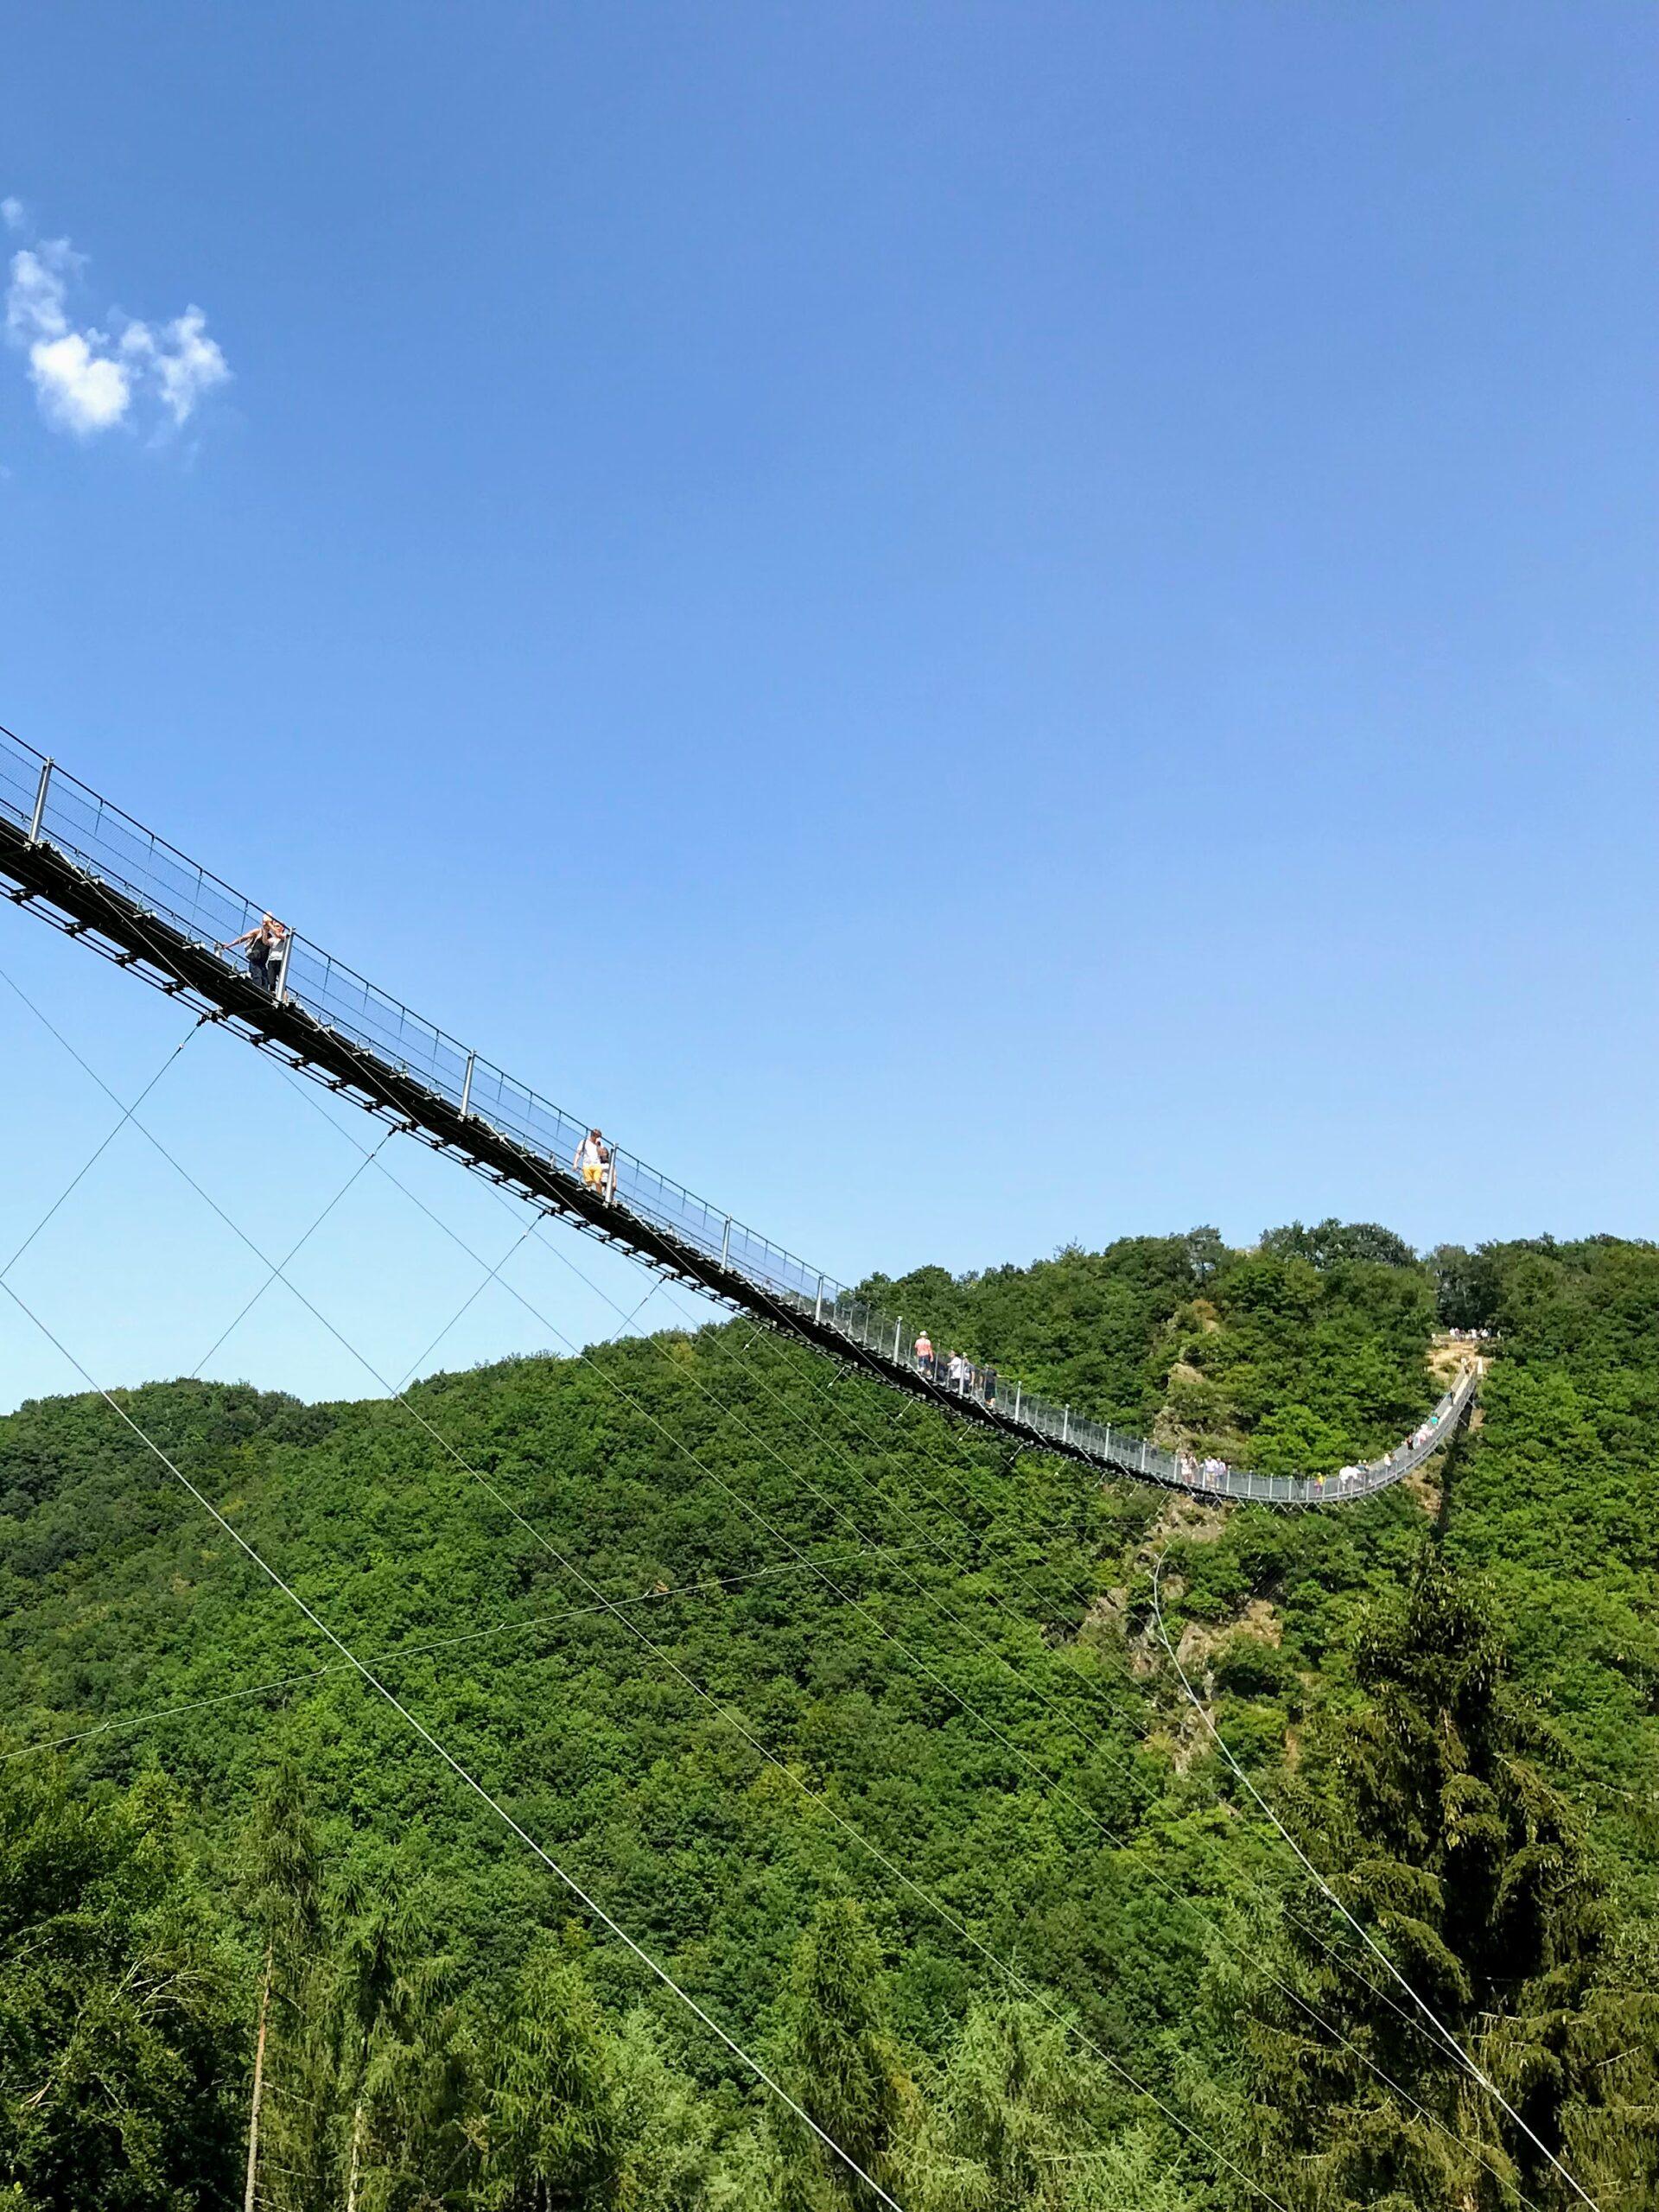 Spectaculaire hangbruggen